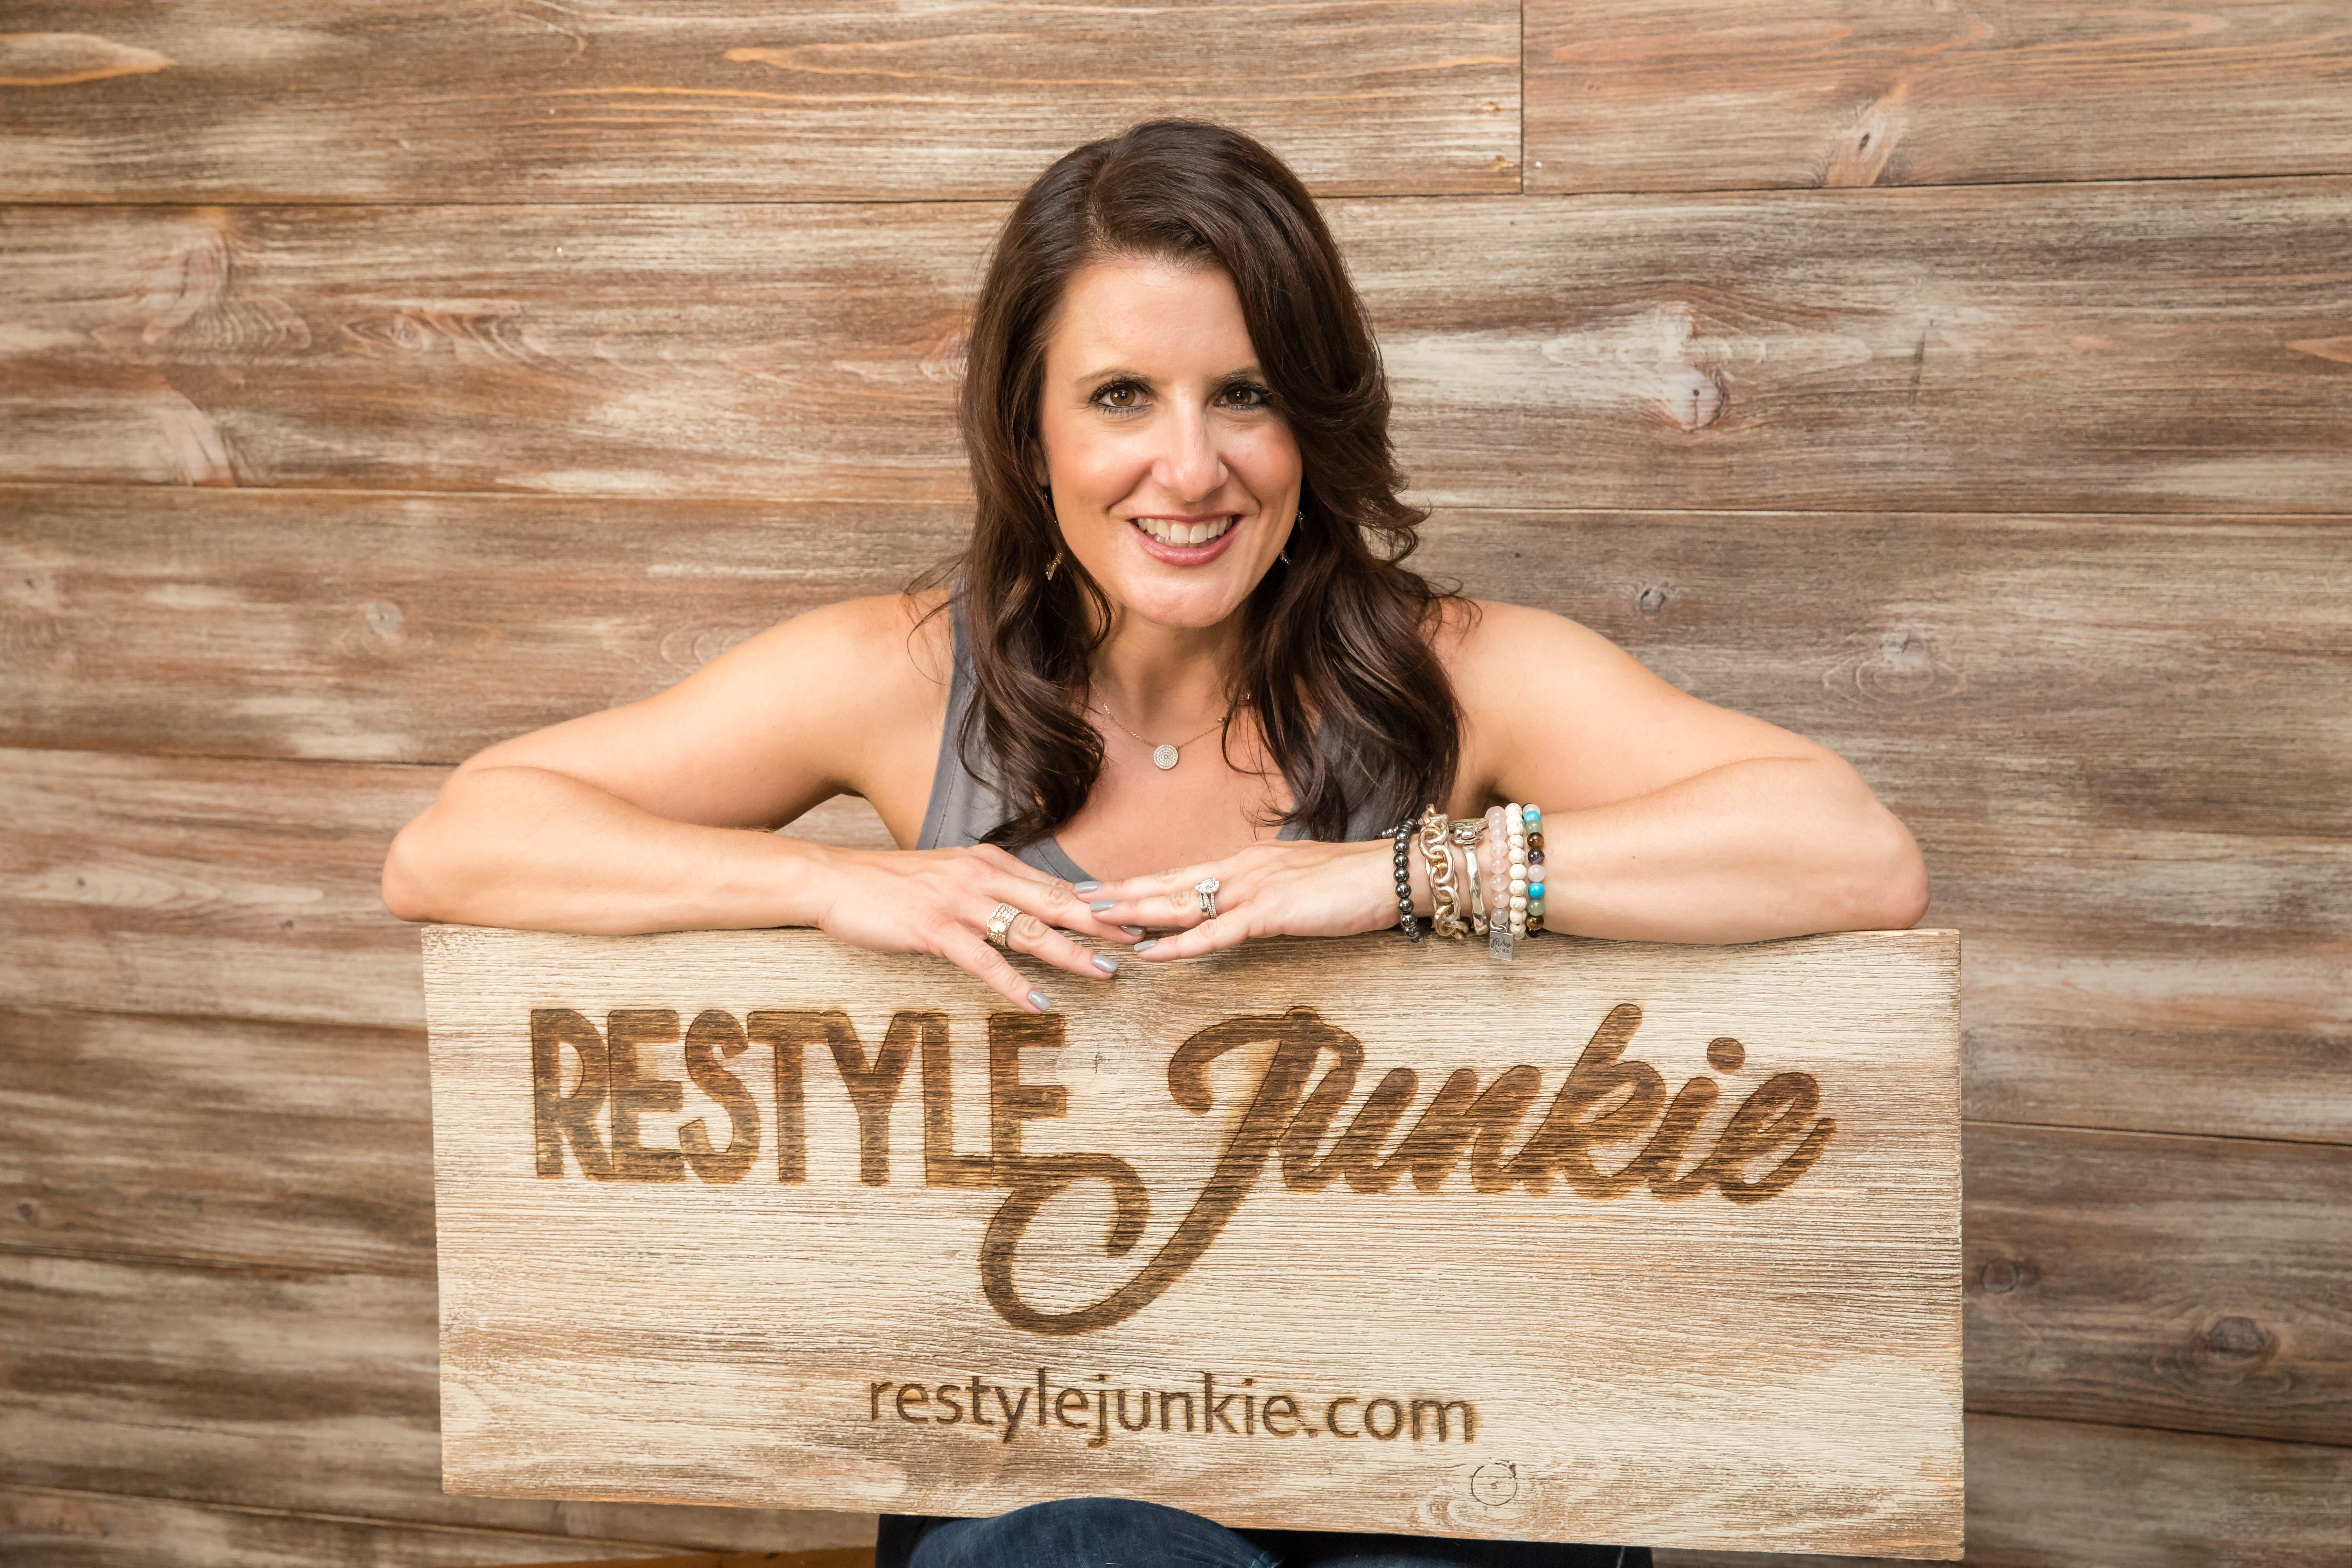 Rachel Elise Trimble, The Restyle Junkie